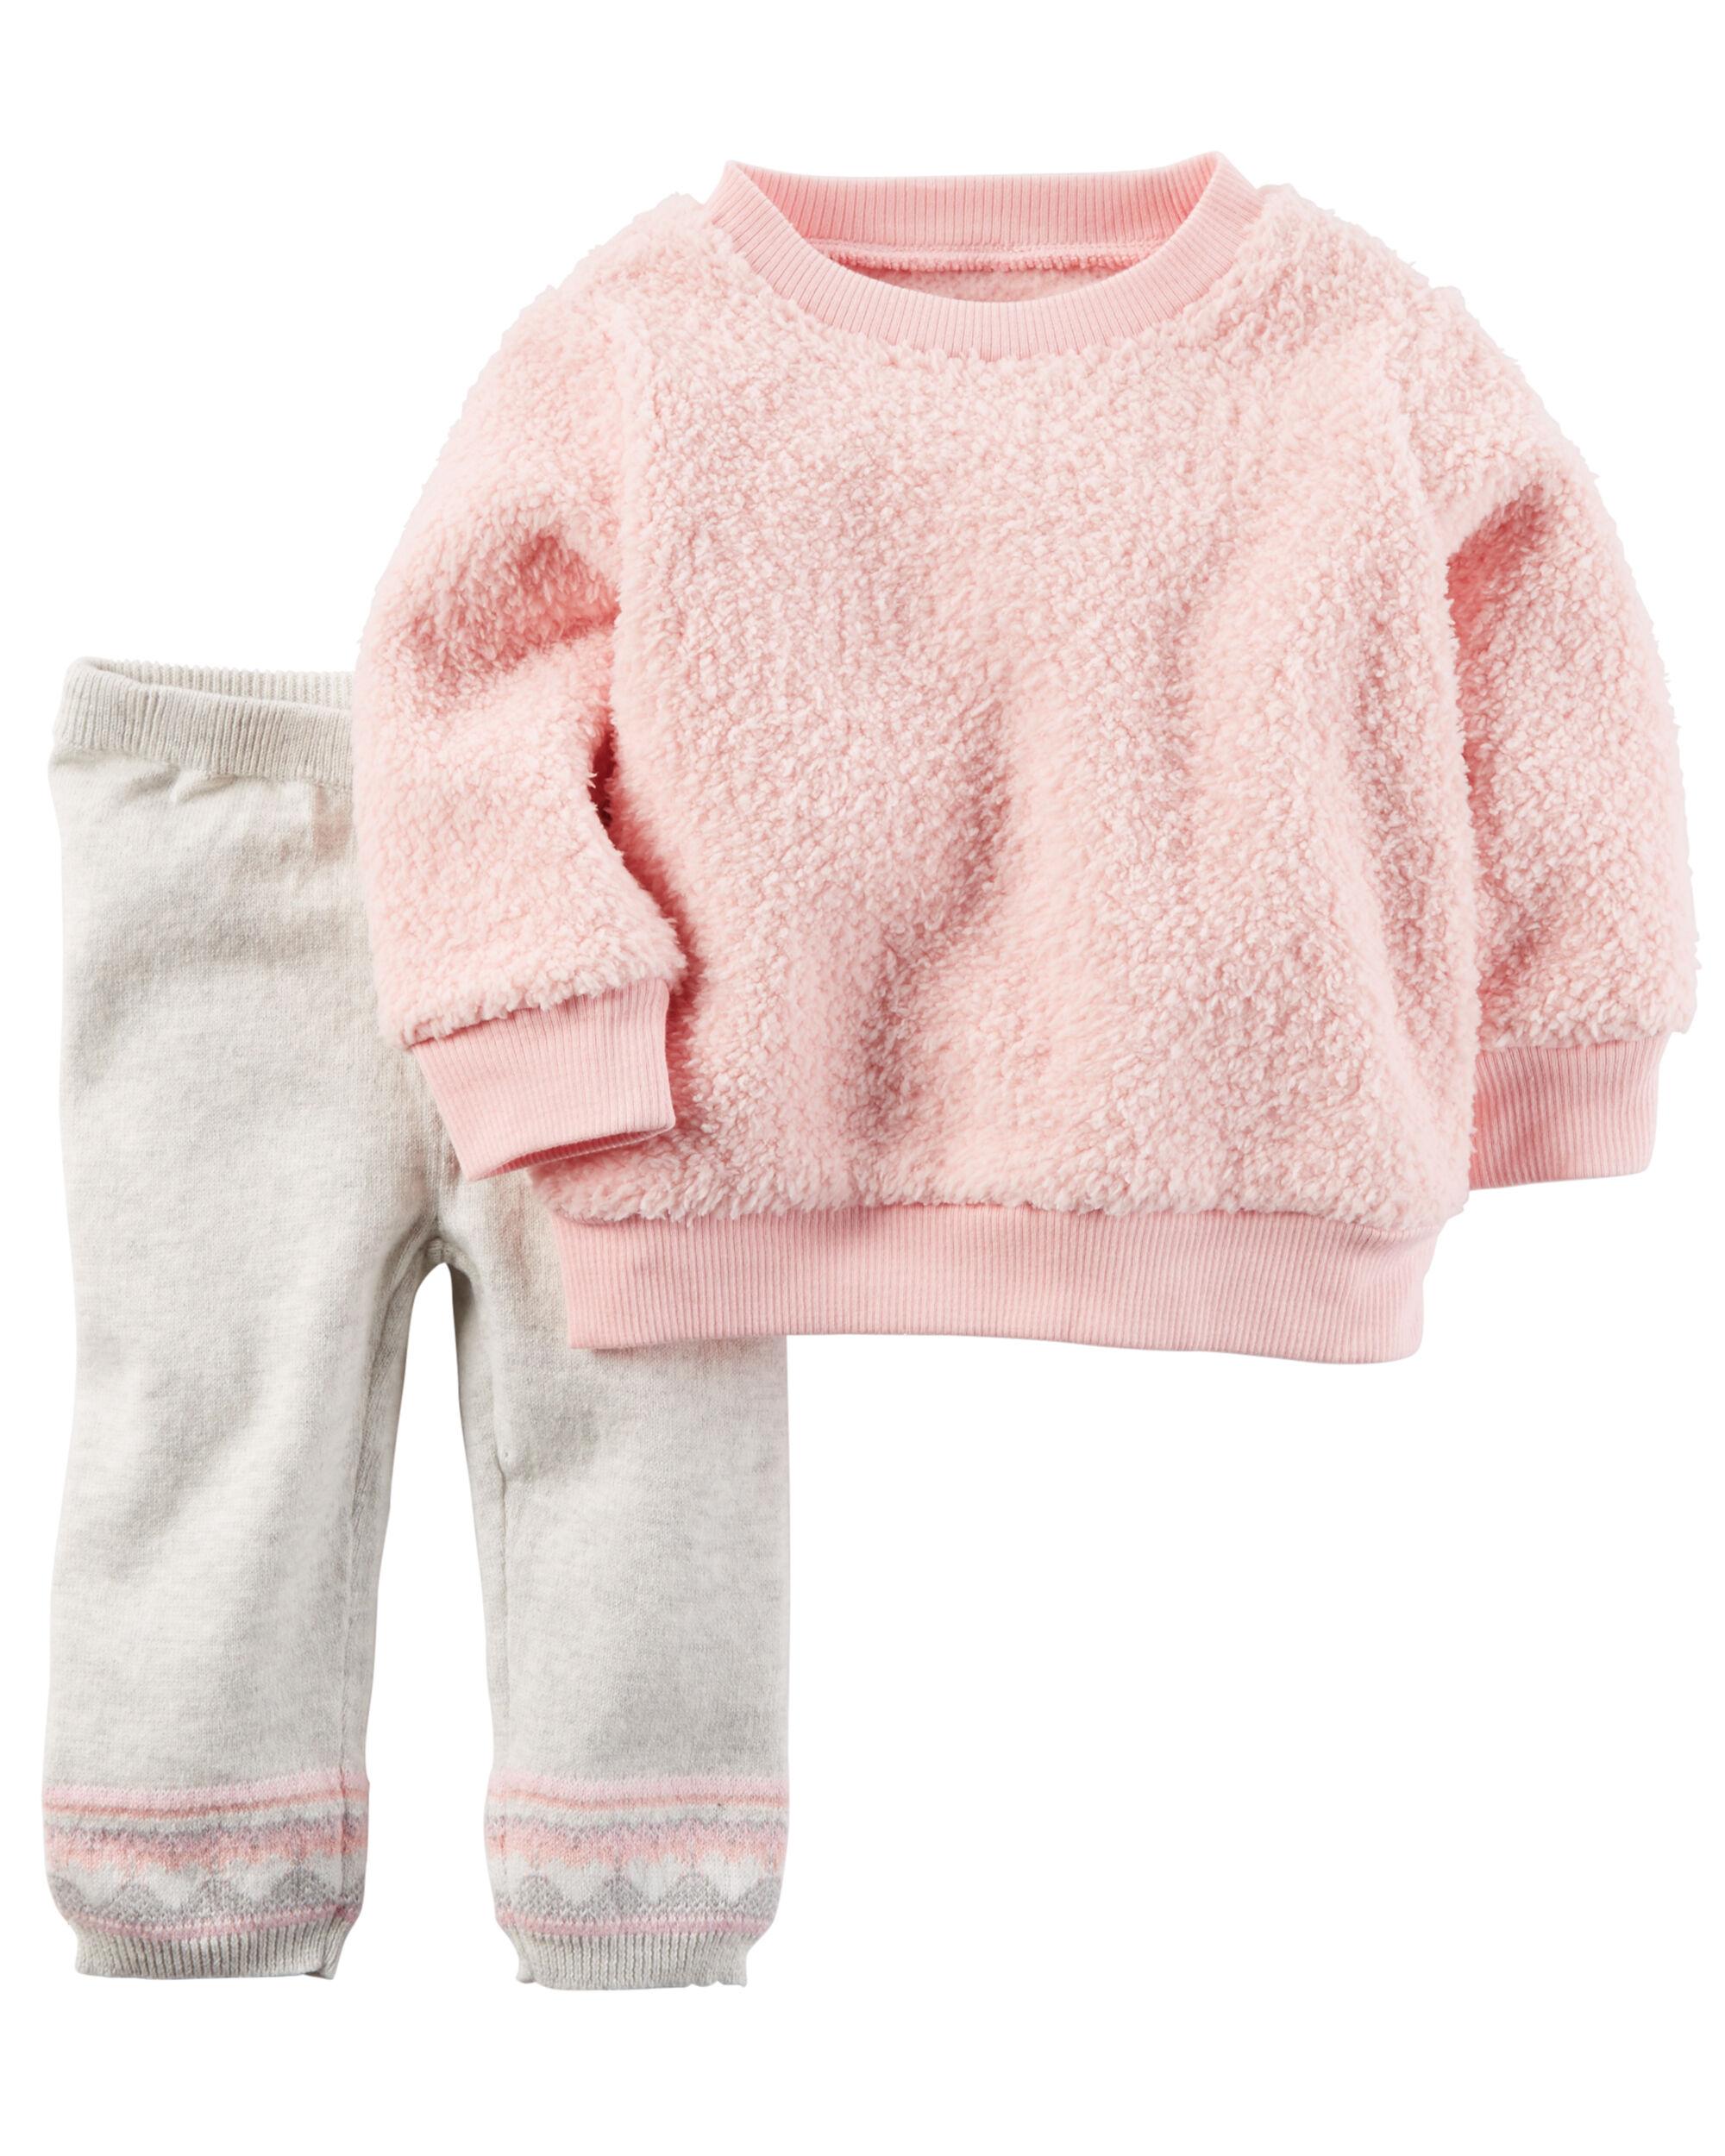 2 Piece Sherpa Top Amp Sweater Pant Set Carters Com